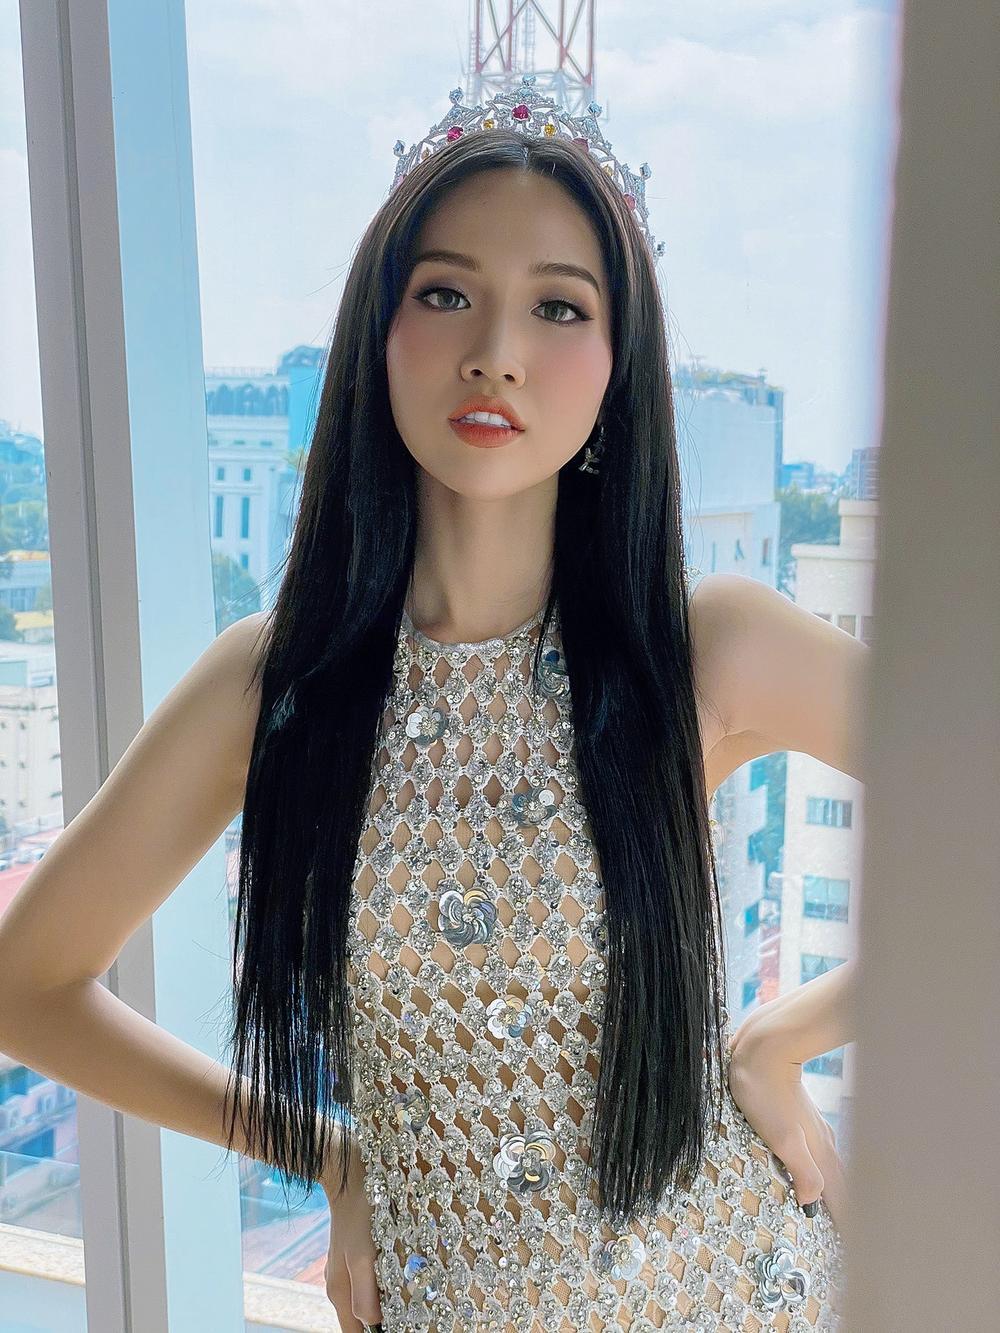 Nhật Hà: 'Ai cũng ghen tỵ với hạnh phúc của chị Hương Giang và anh Matt Liu, không chỉ riêng tôi' Ảnh 1